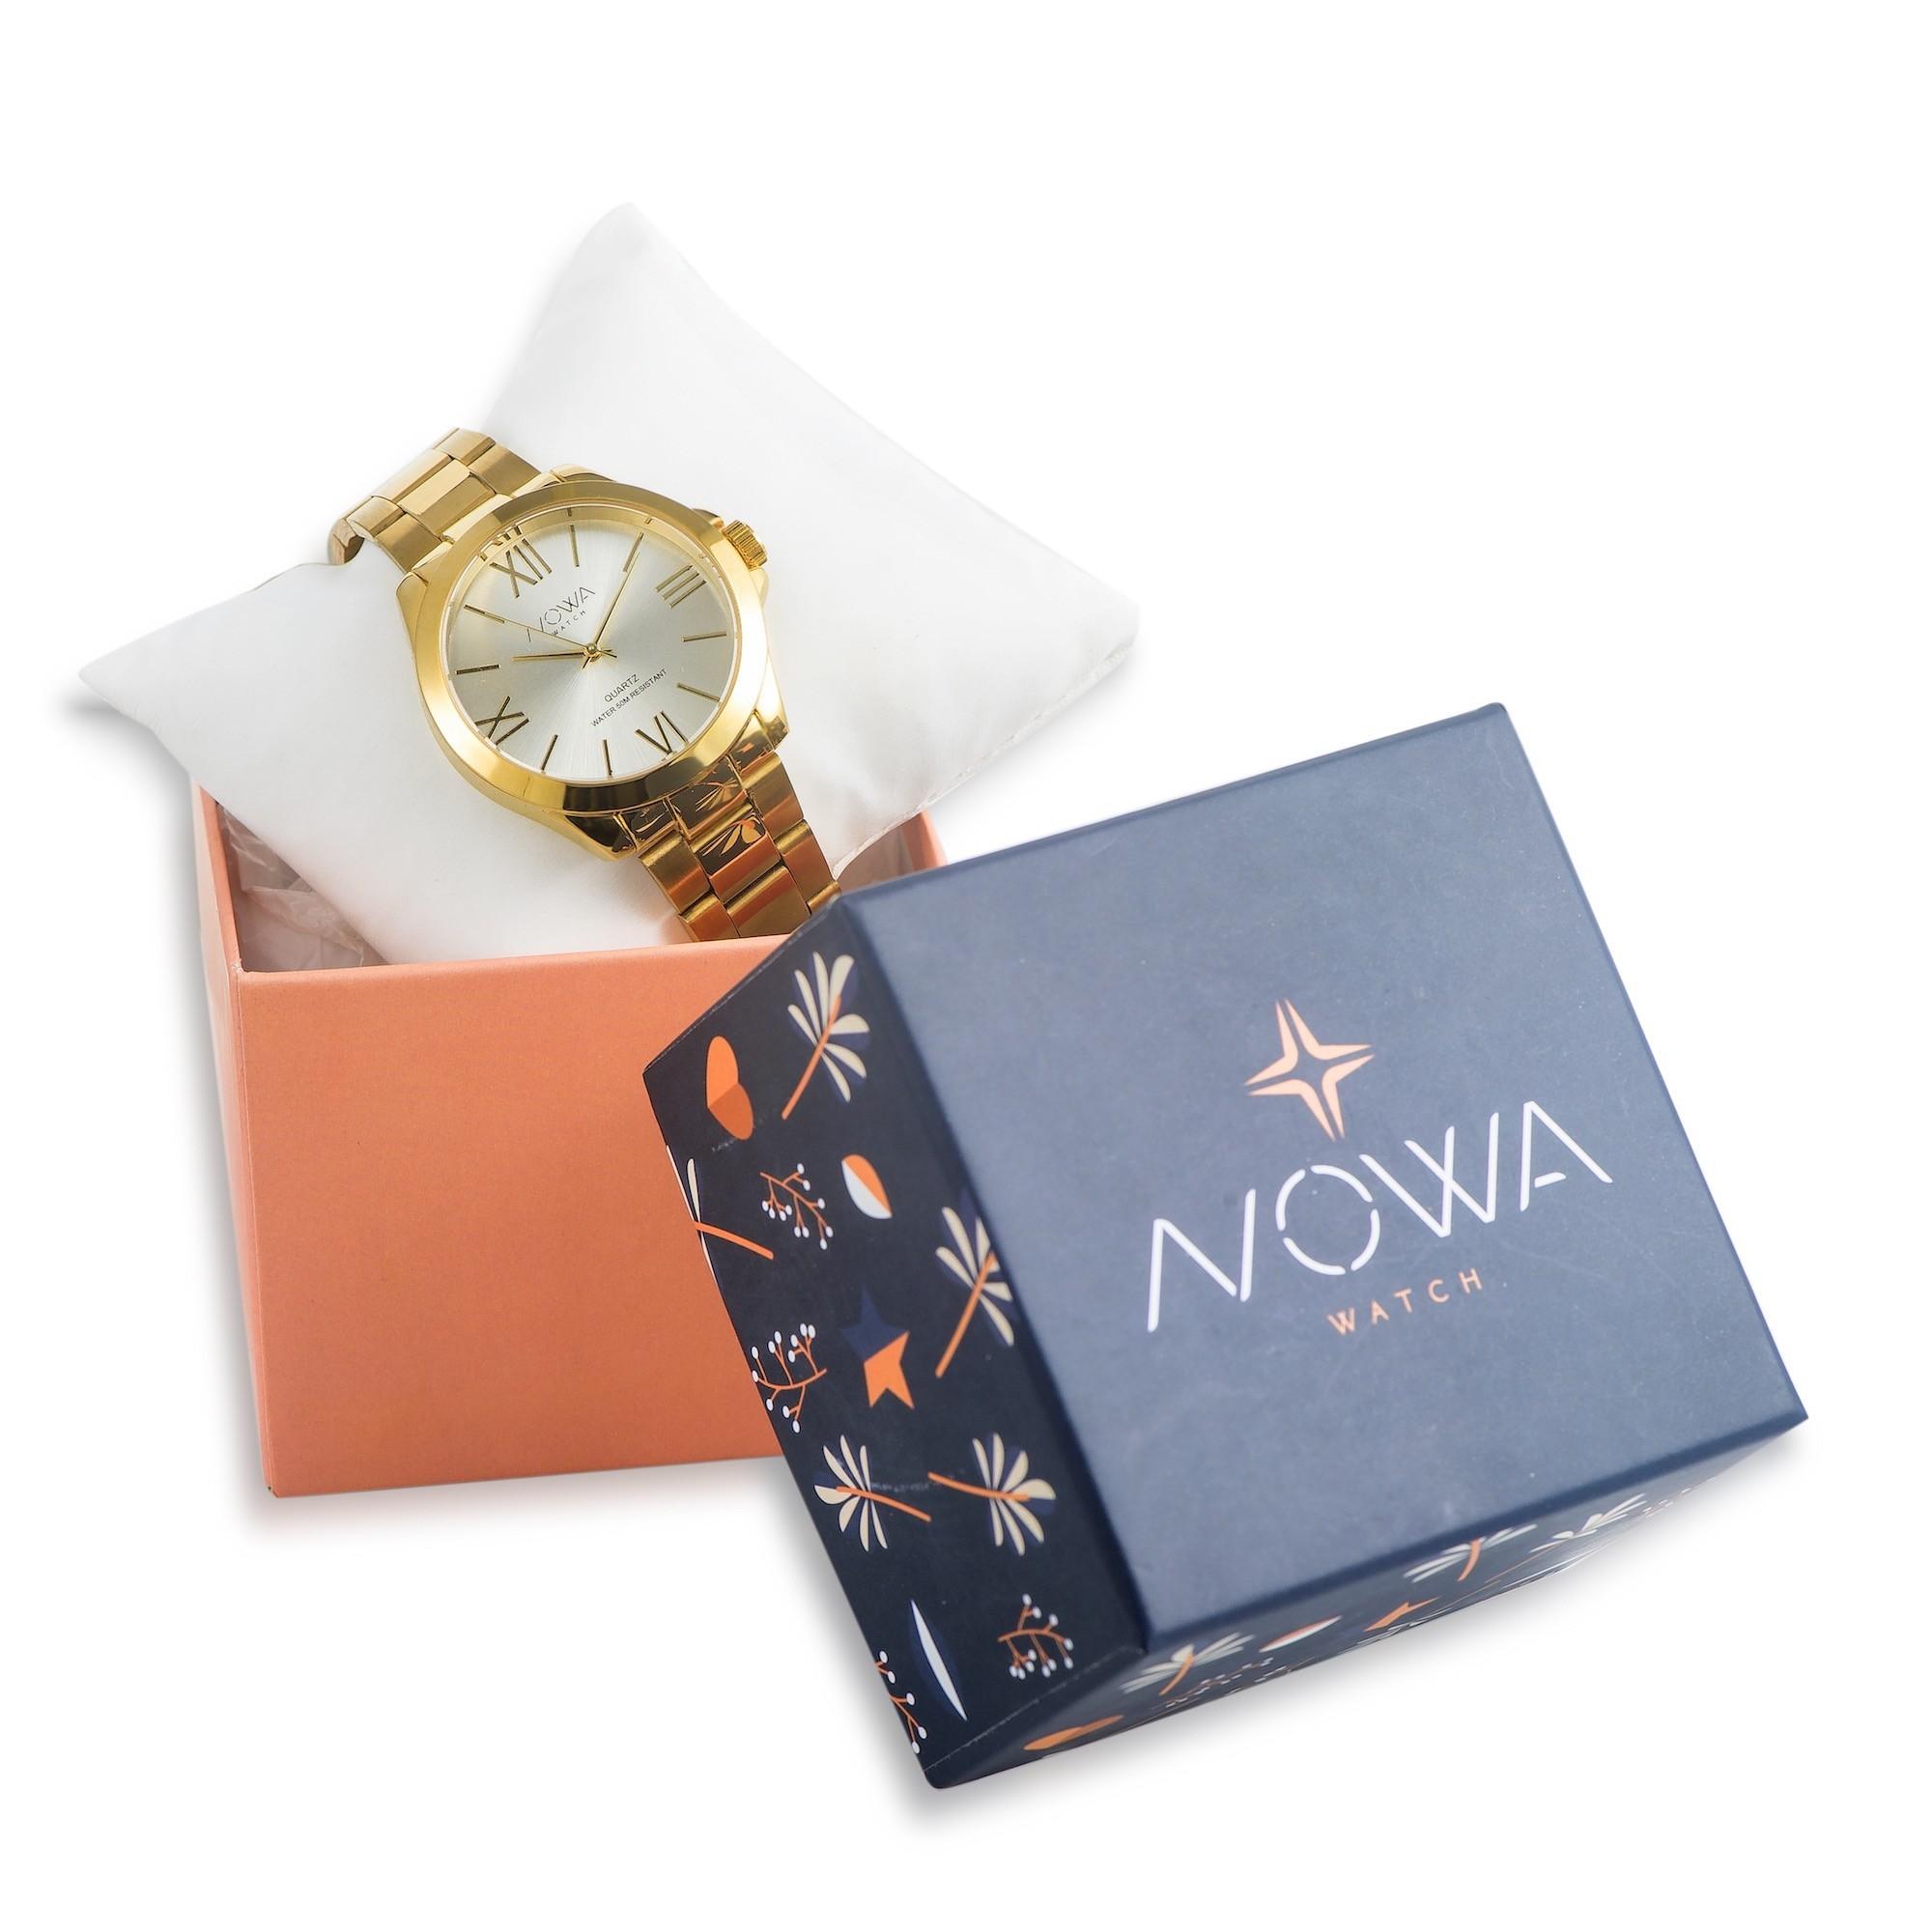 Relógio Nowa NW1002K